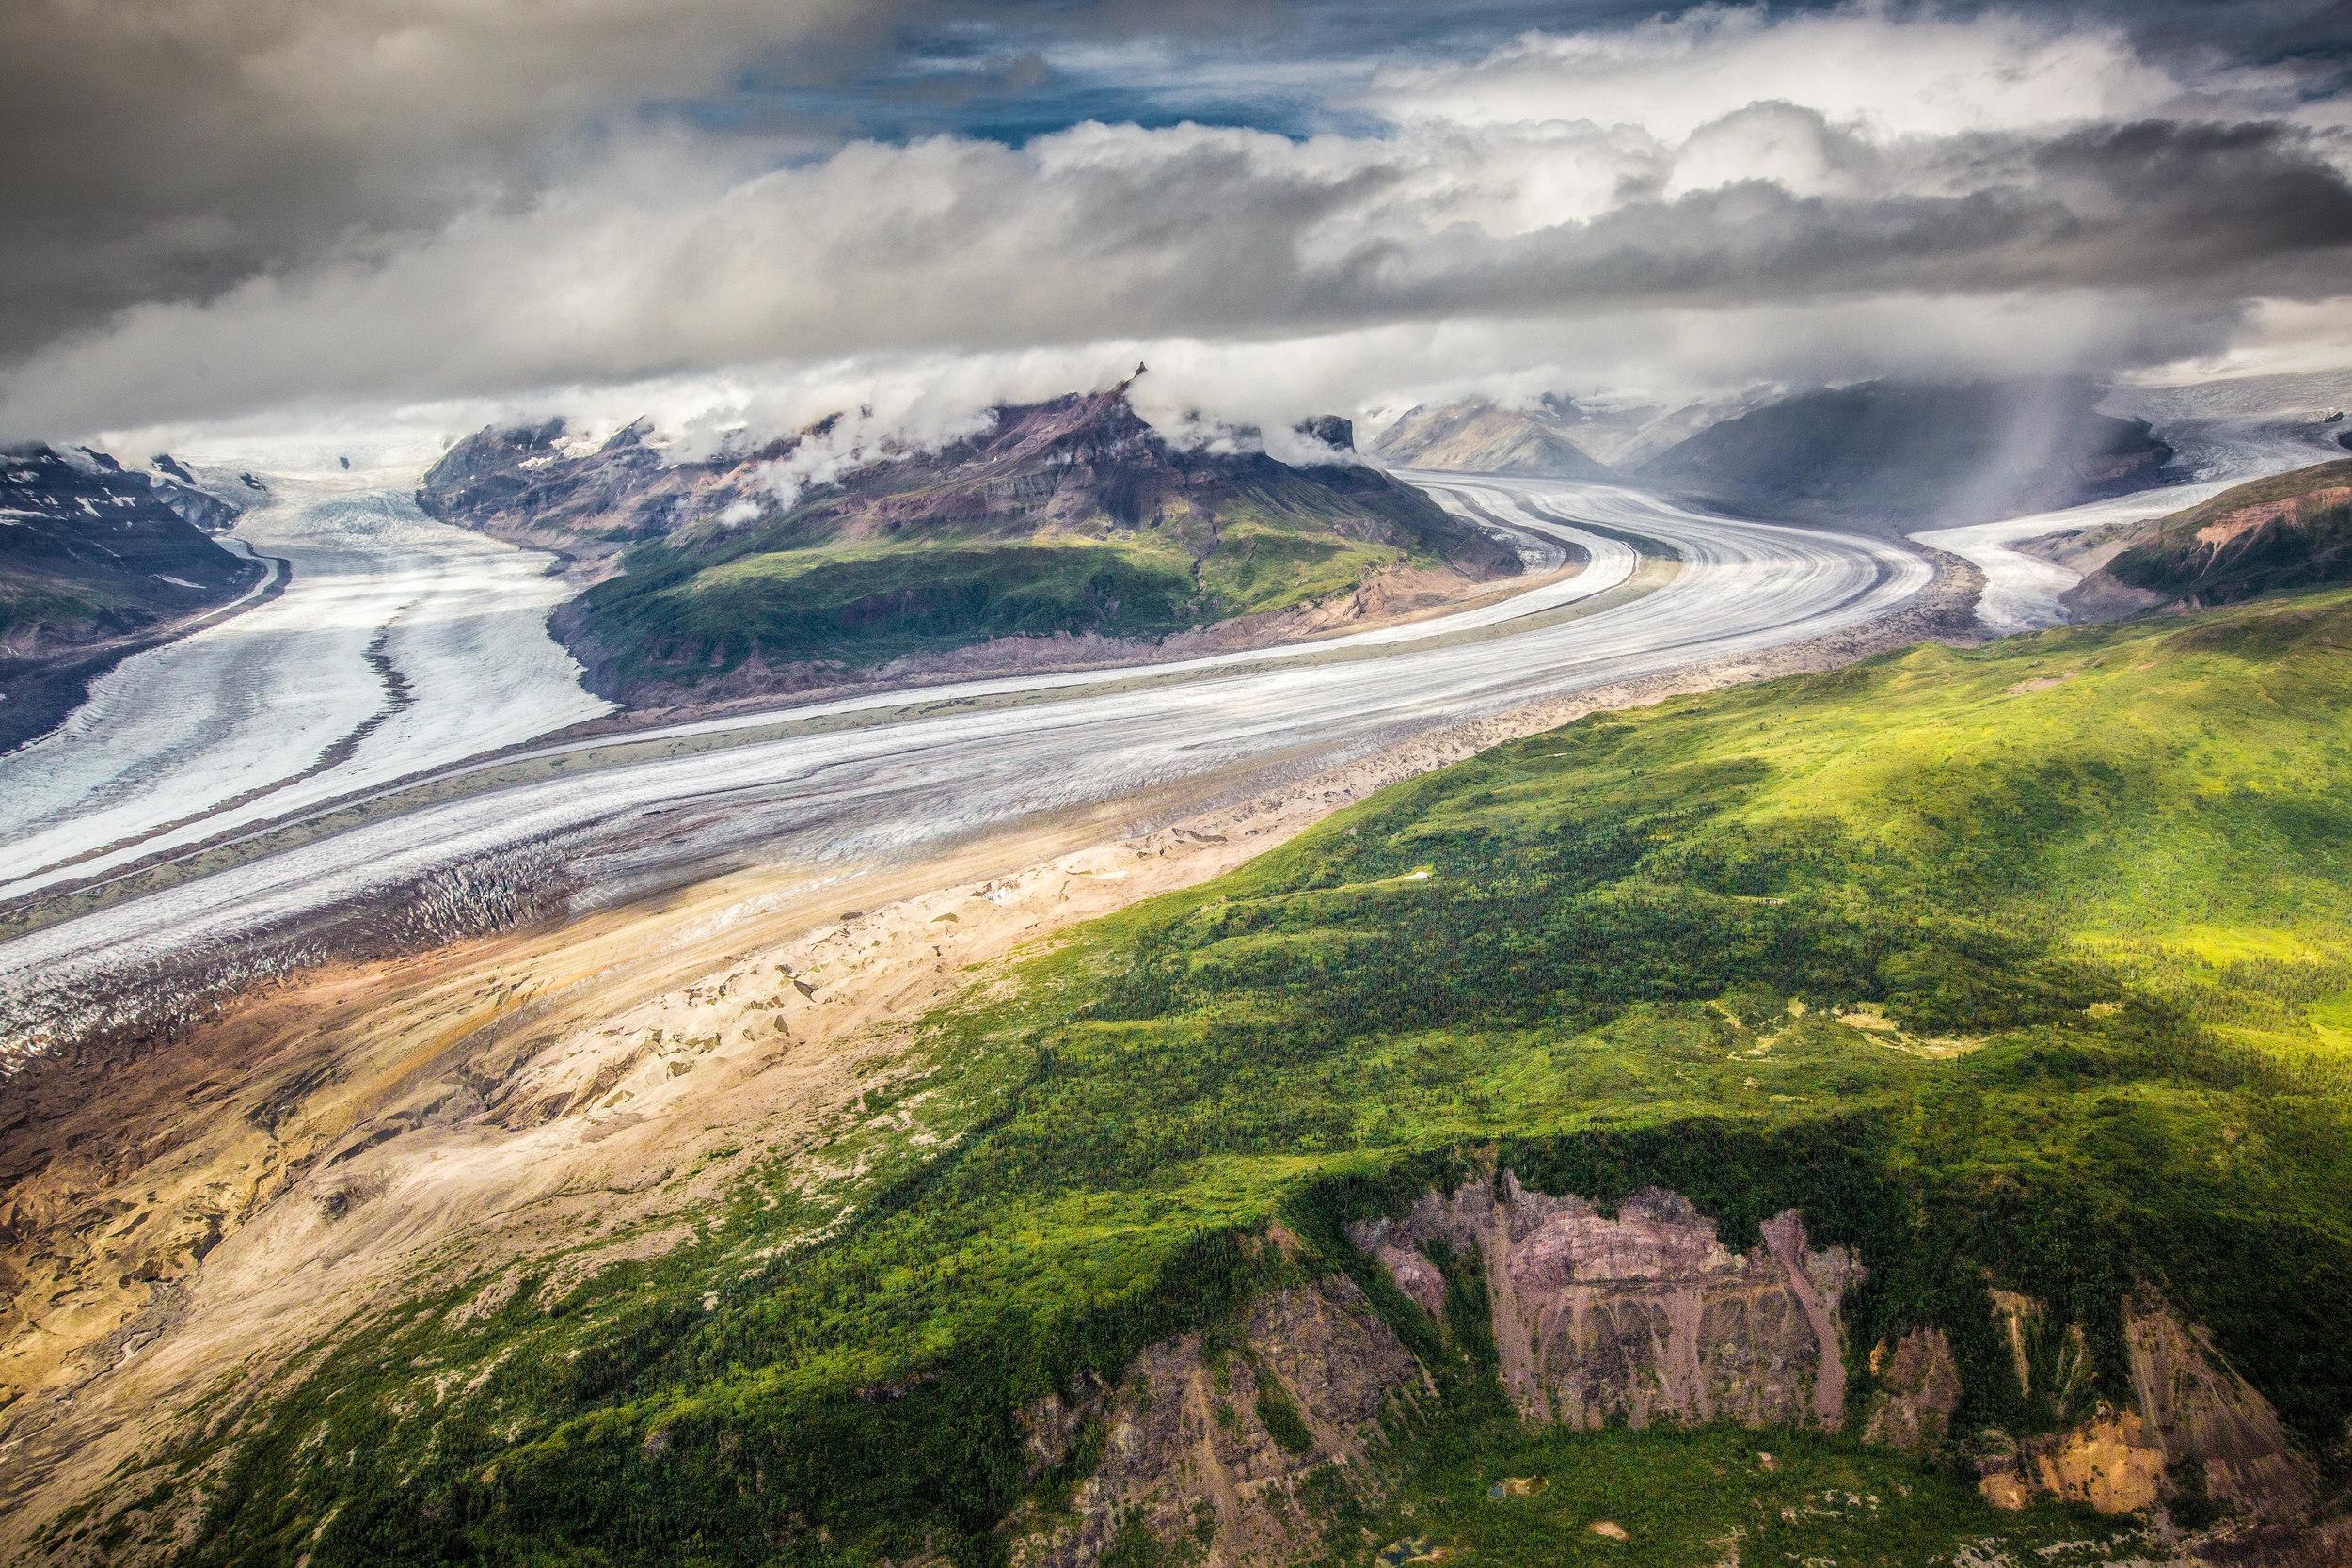 MOUNT CHIMNEY, REGAL GLACIER & ROHN GLACIER